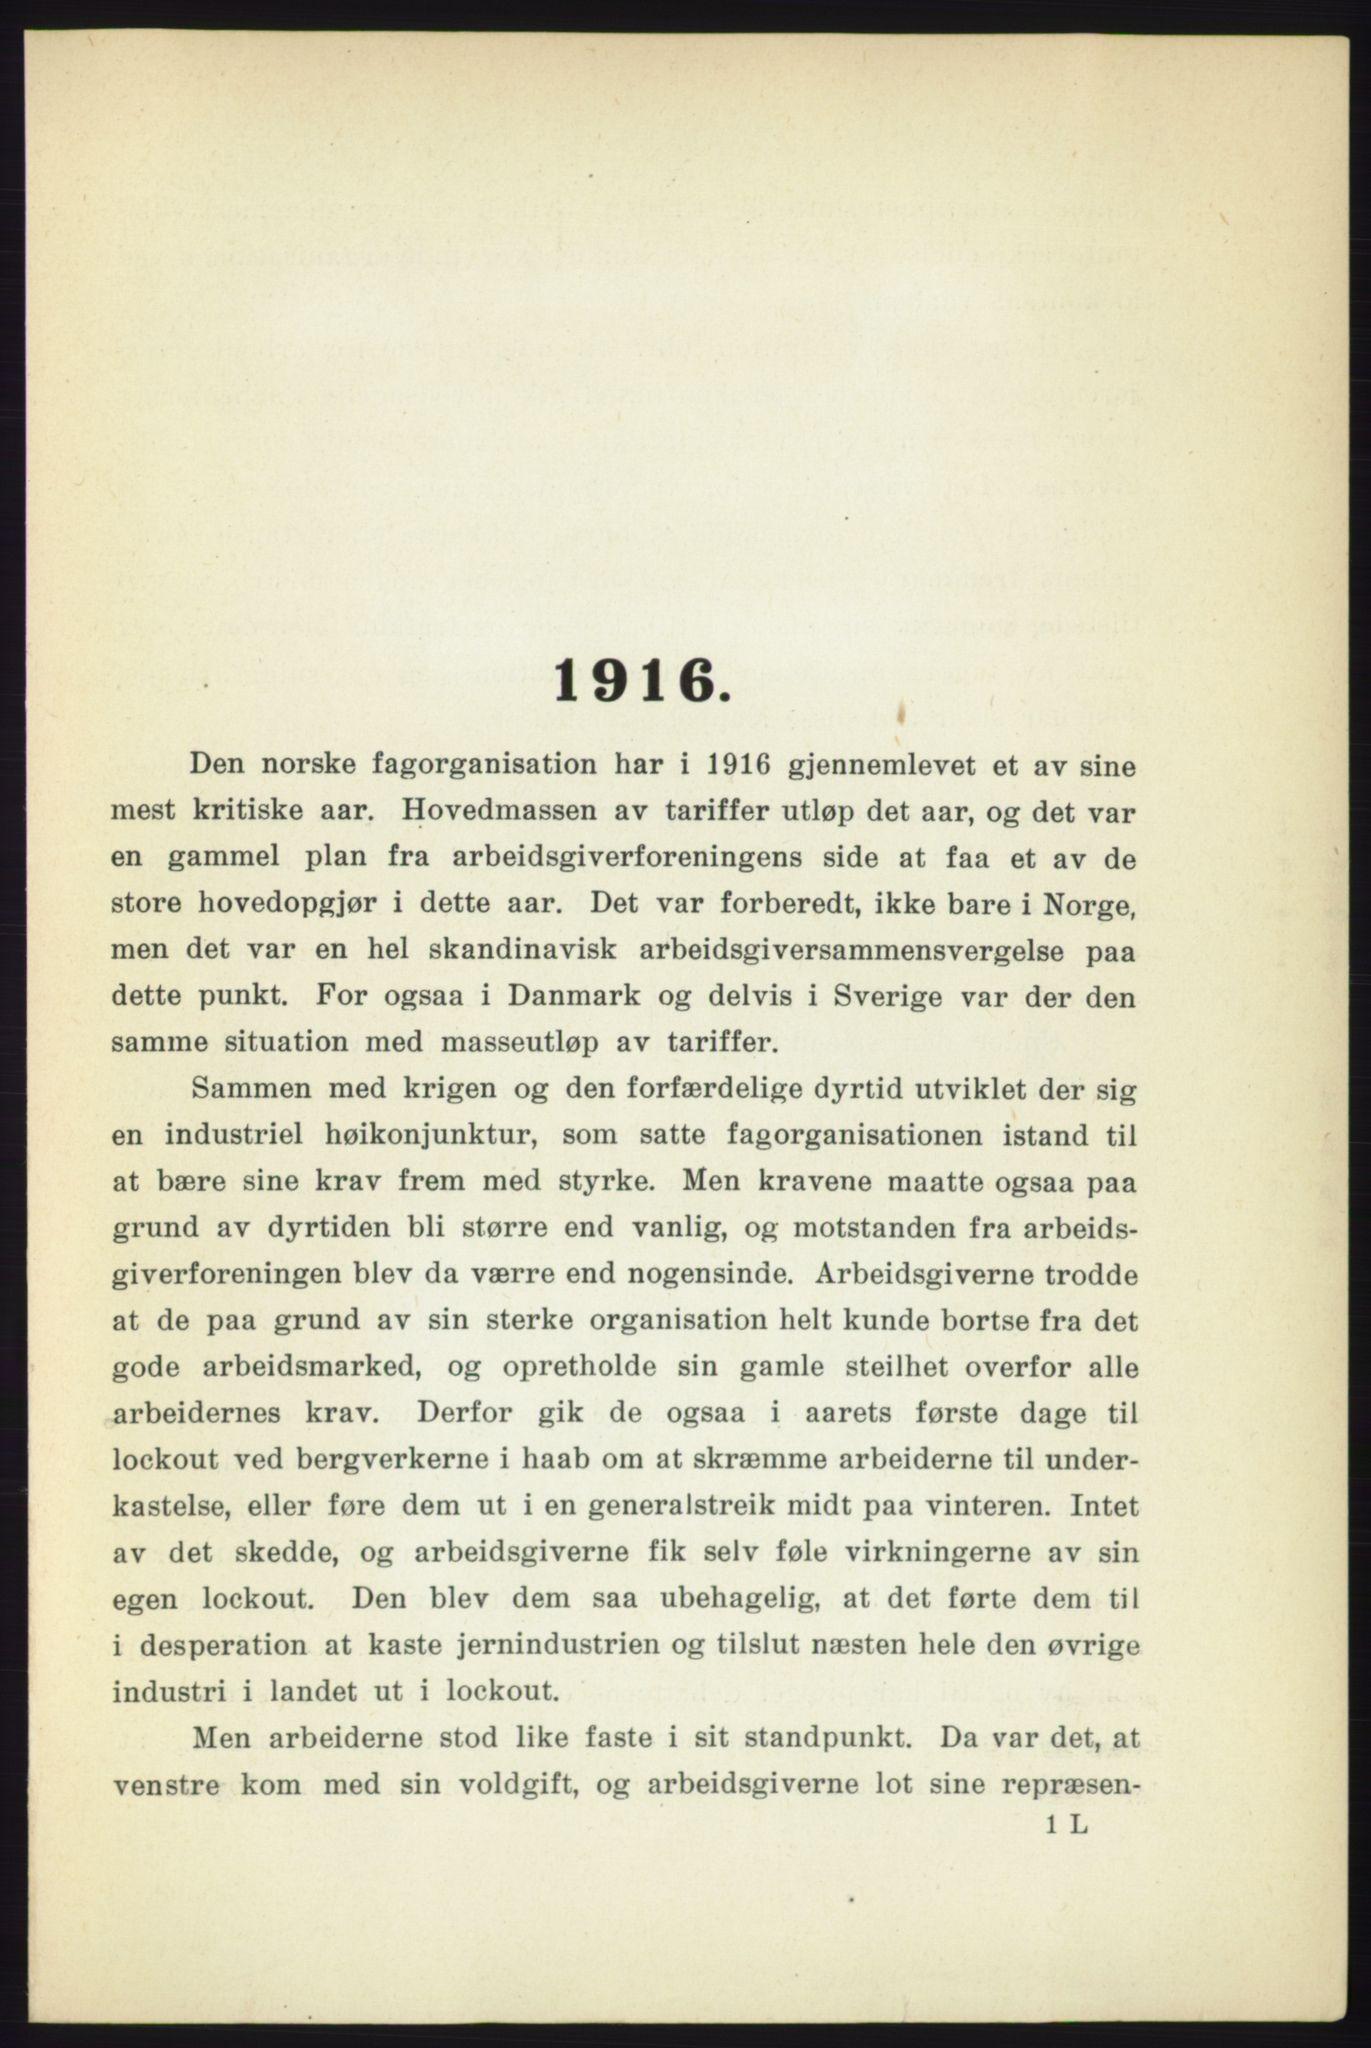 AAB, Landsorganisasjonen i Norge - publikasjoner, -/-: Landsorganisationens beretning for 1916, 1916, p. 1